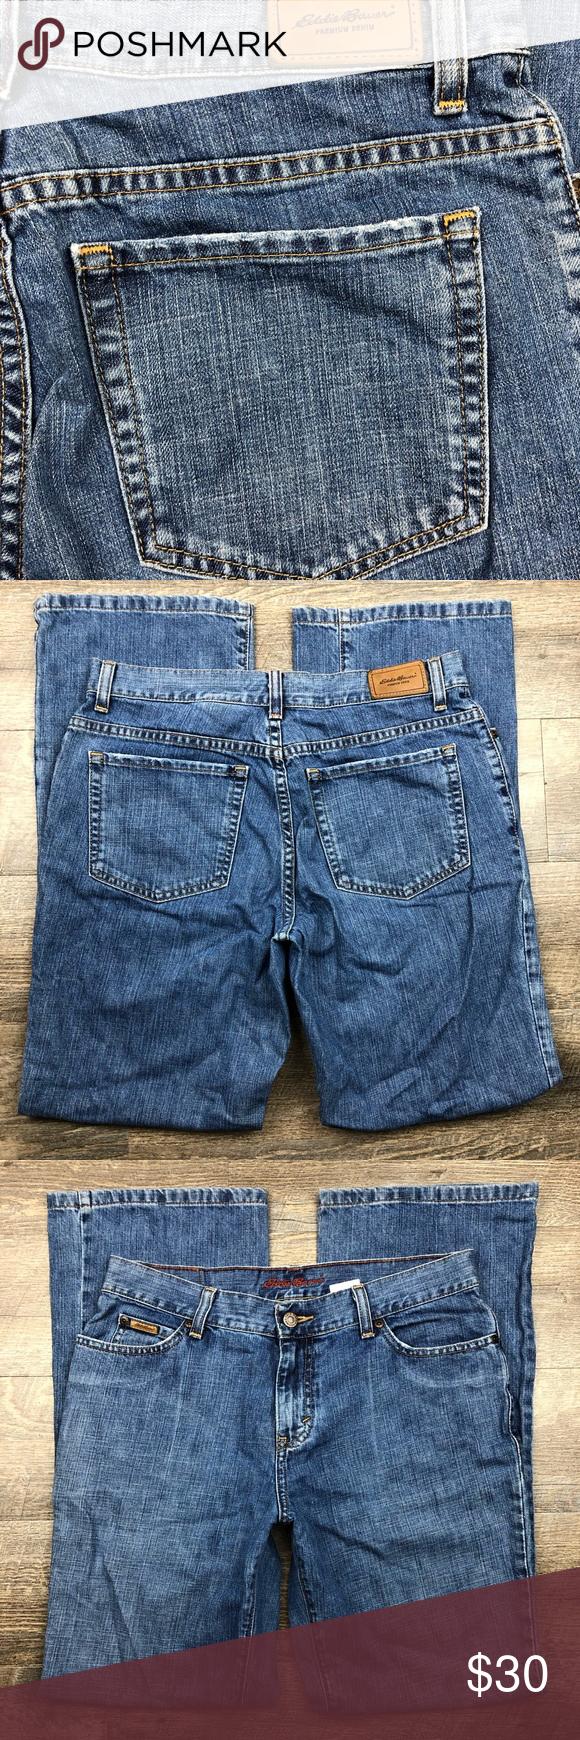 Eddie Bauer Womens Bootcut Jeans Size 10 31x30 Eddie Bauer